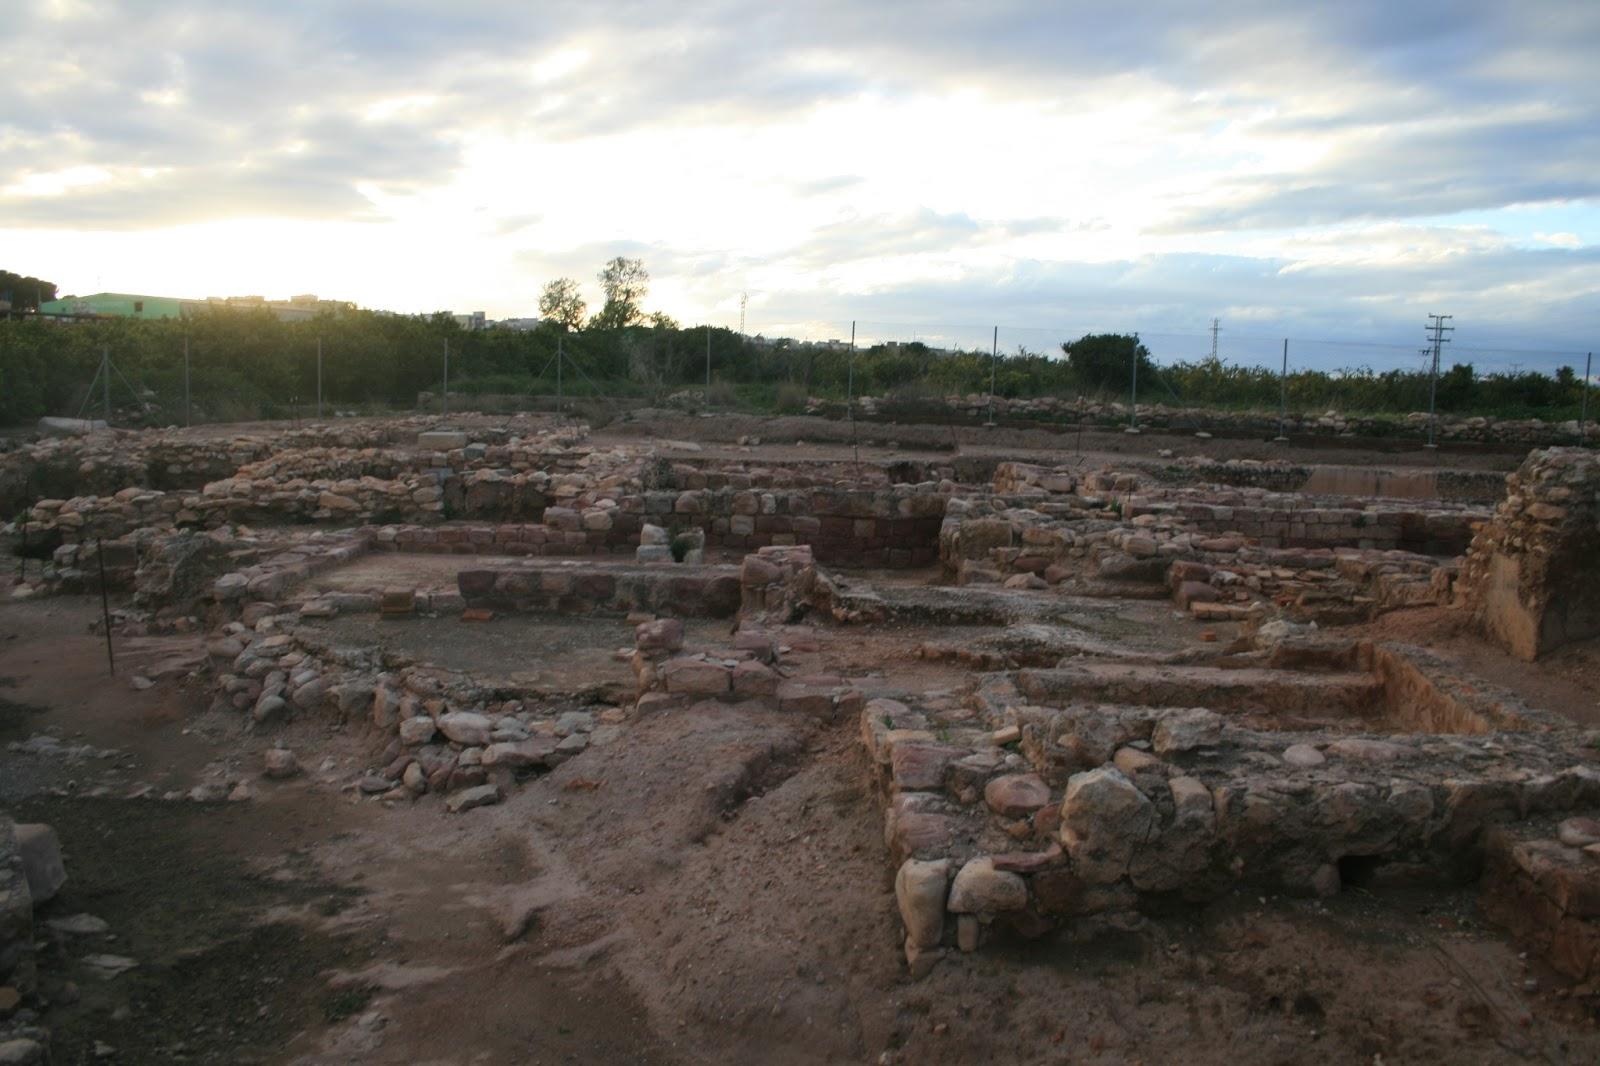 Corobates villas romanas for Villas romanas